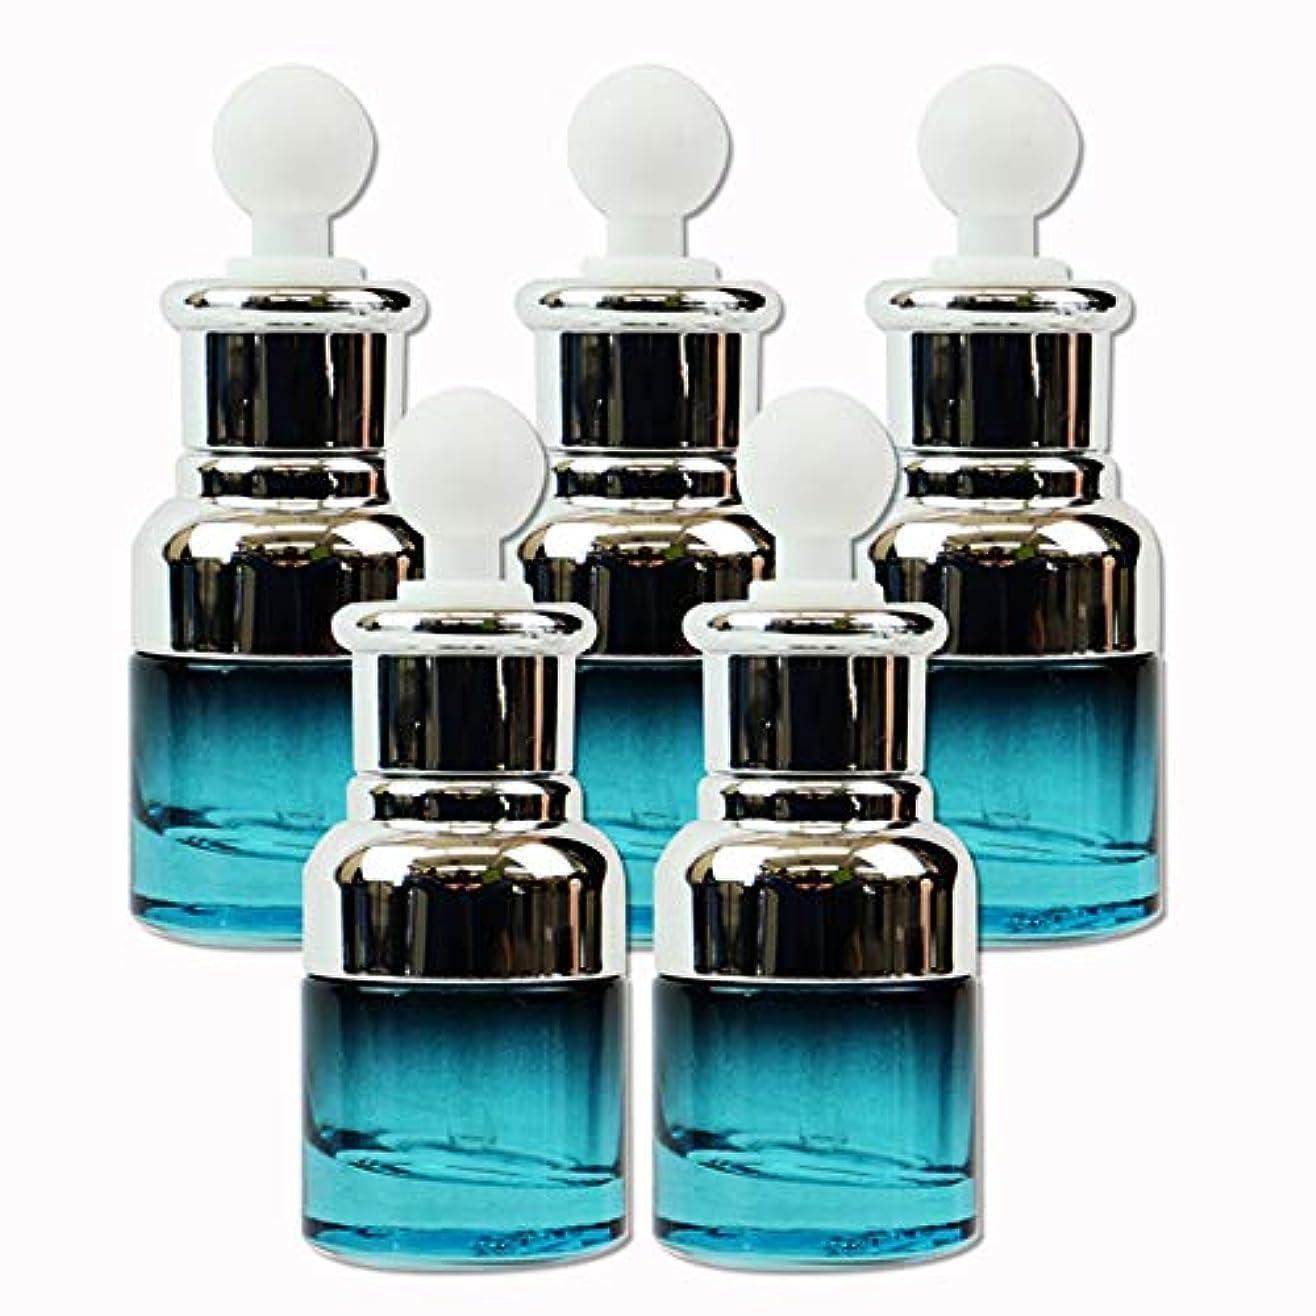 edog ガラス製 遮光ボトル 5本セット スポイト式 20ml 香水 エッセンシャルオイル アロマ